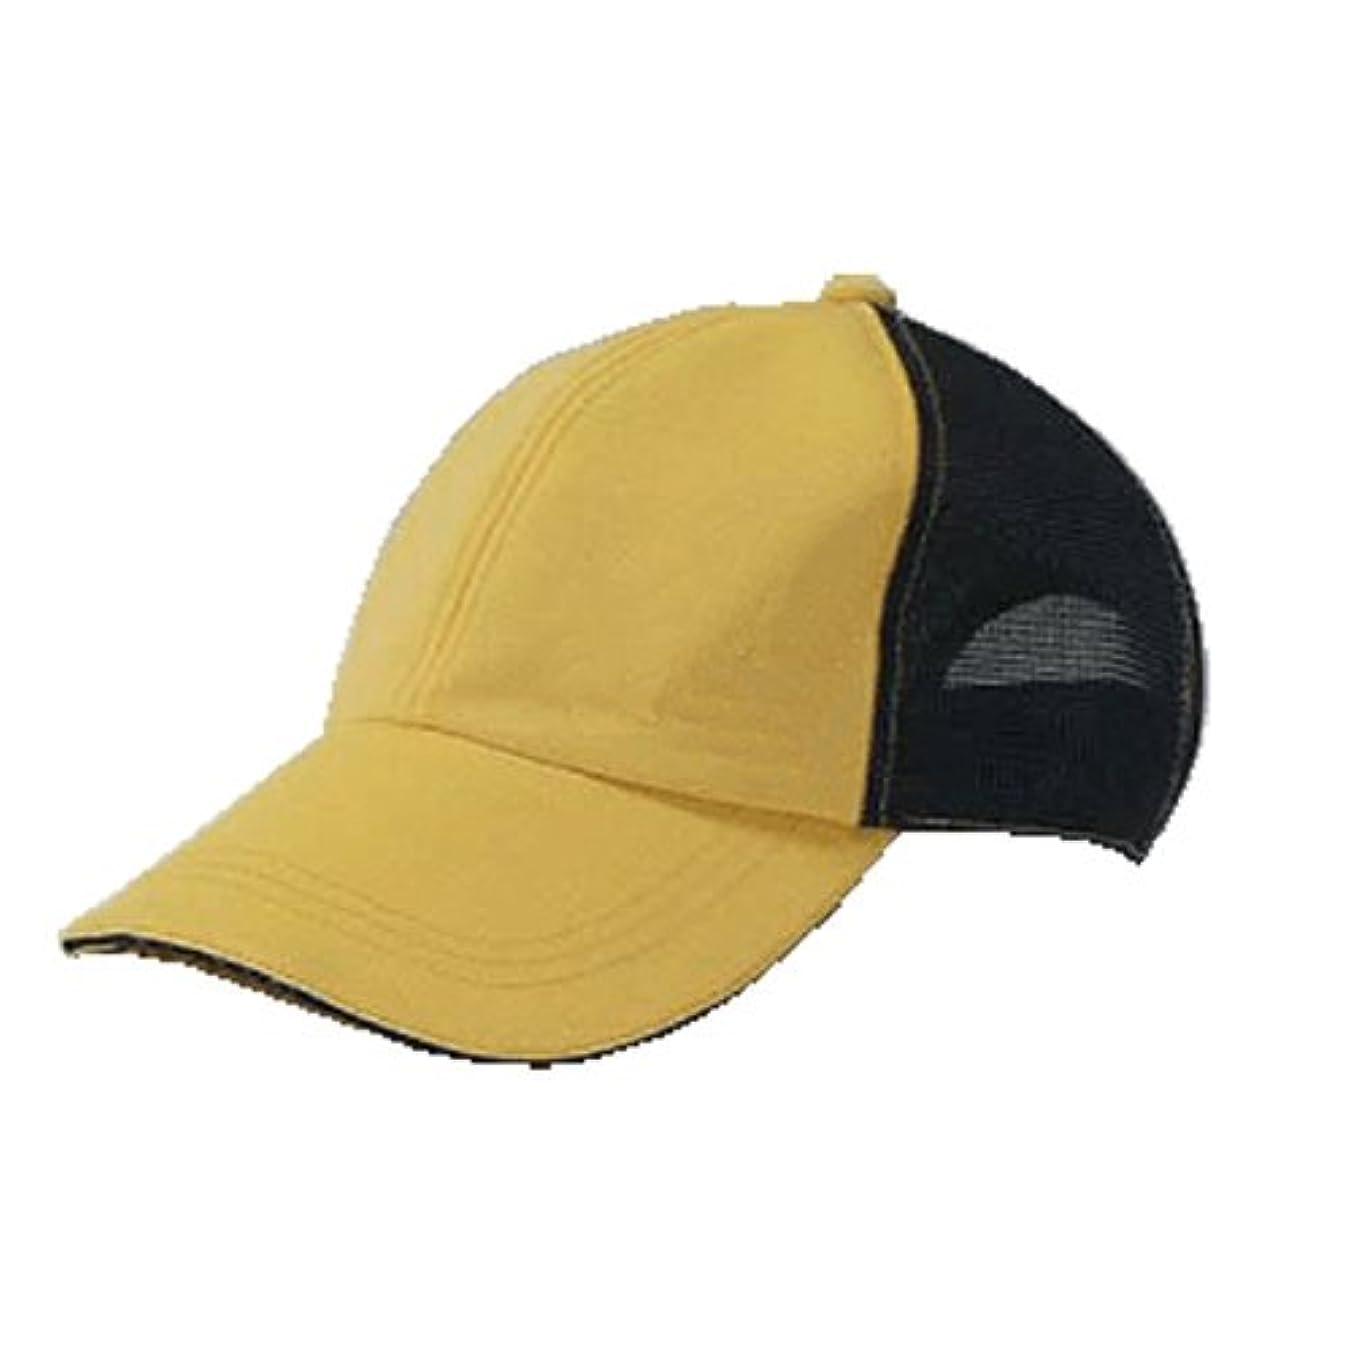 夢ゴムシェアLEDライト付き帽子 TERUBO メッシュタイプ 黄/黒